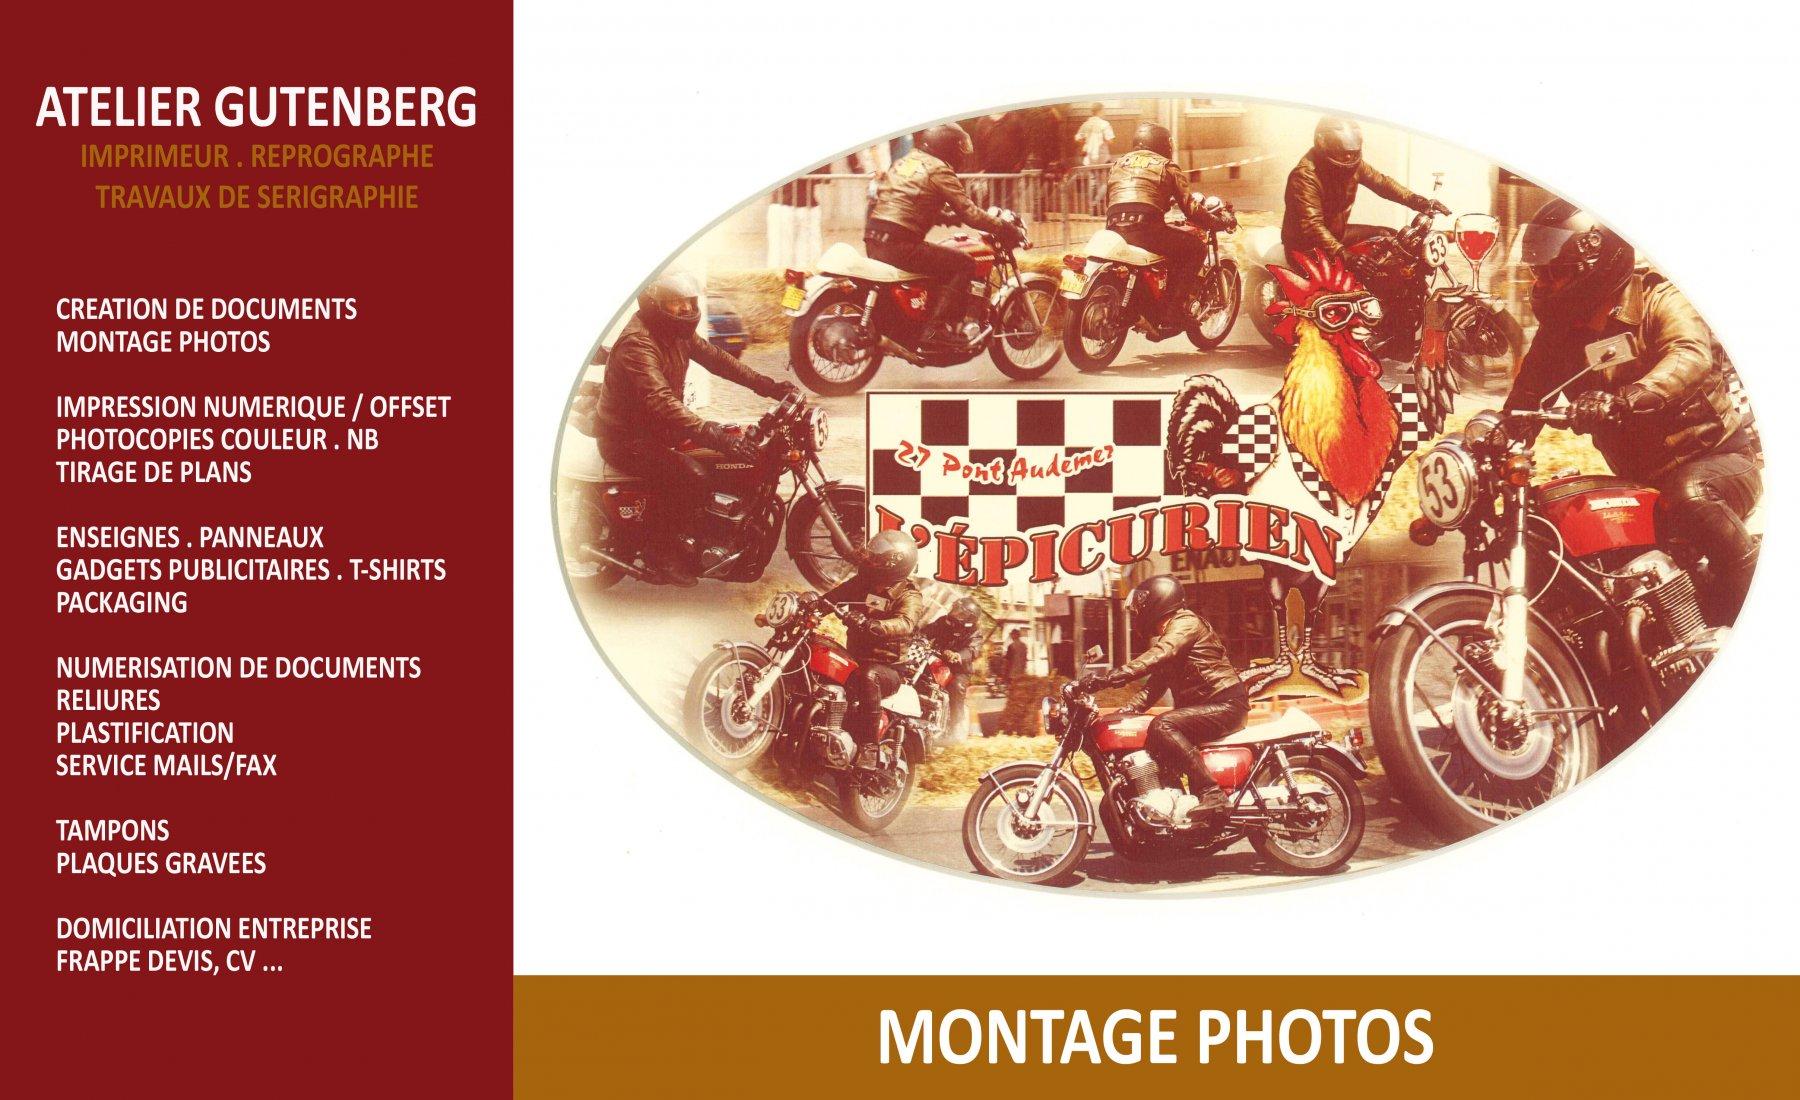 atelier gutenberg montage photo et impression numérique couleur sur couché